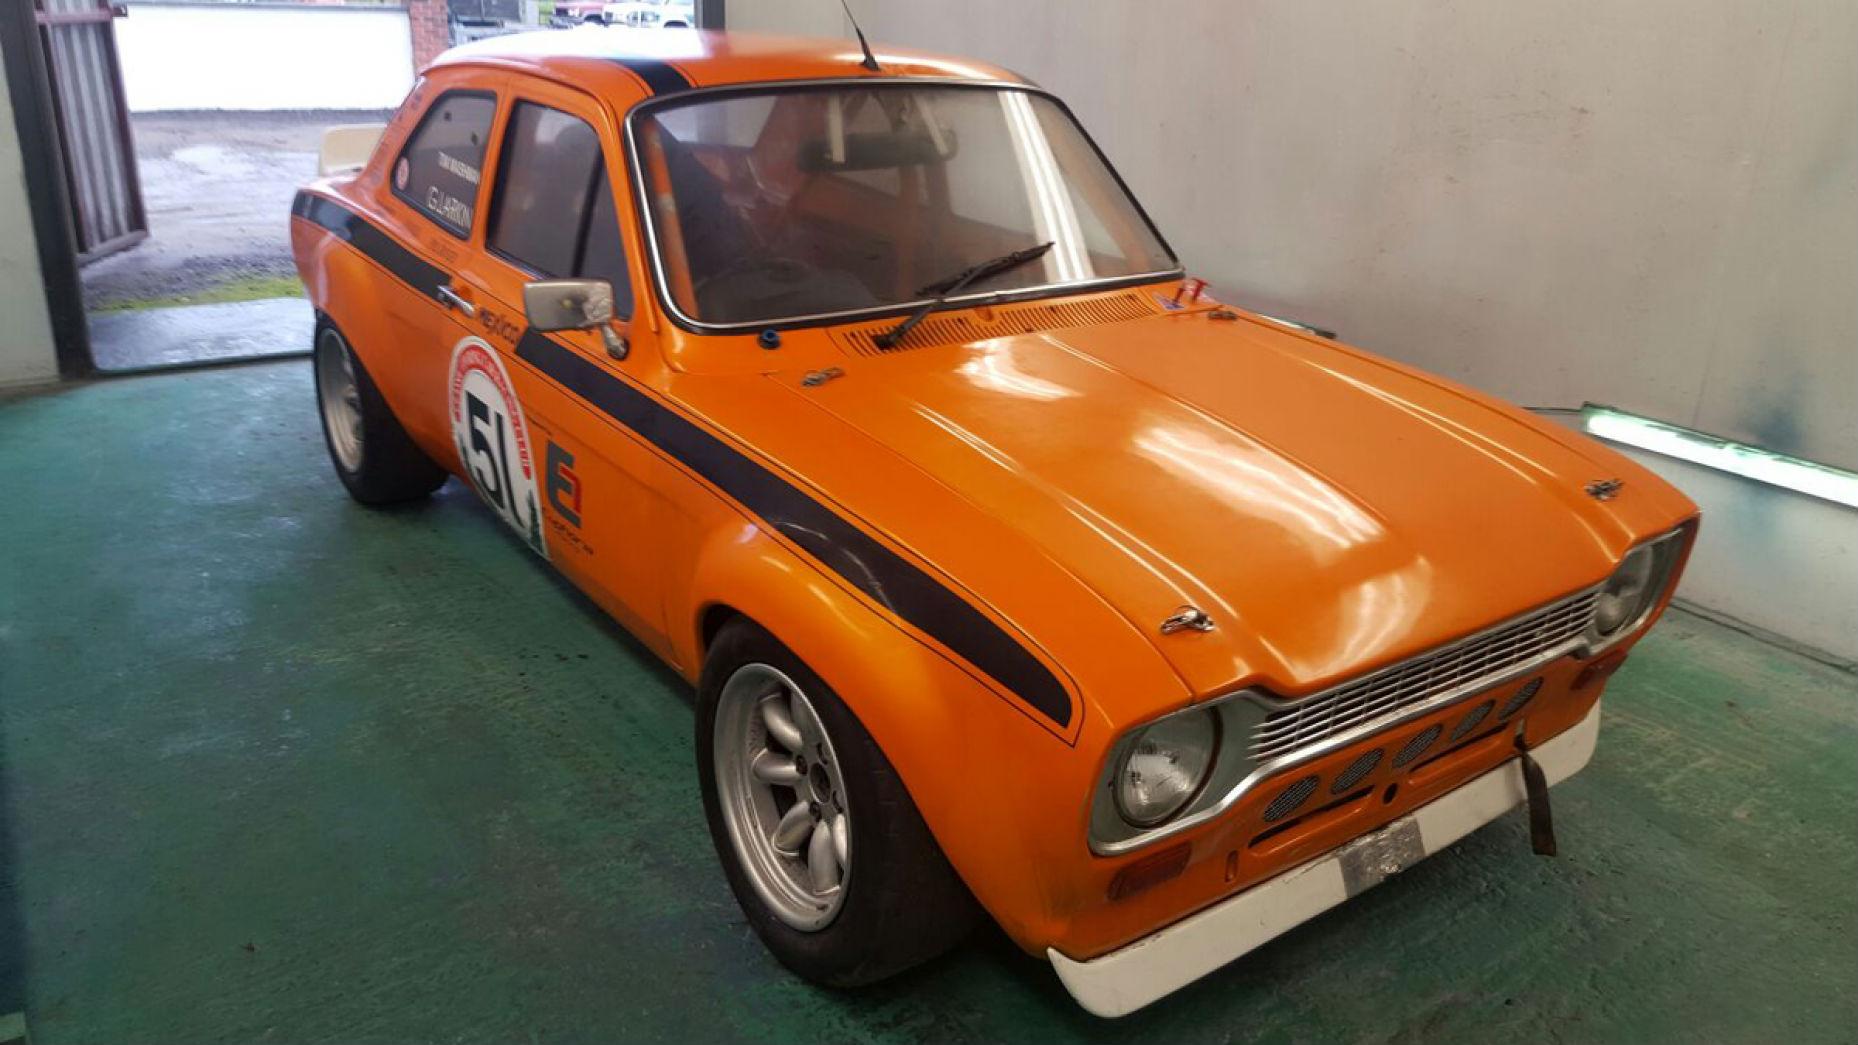 Ford Escort V8 de 1973 (Precio estimado de 18.600 a 23.300 euros)